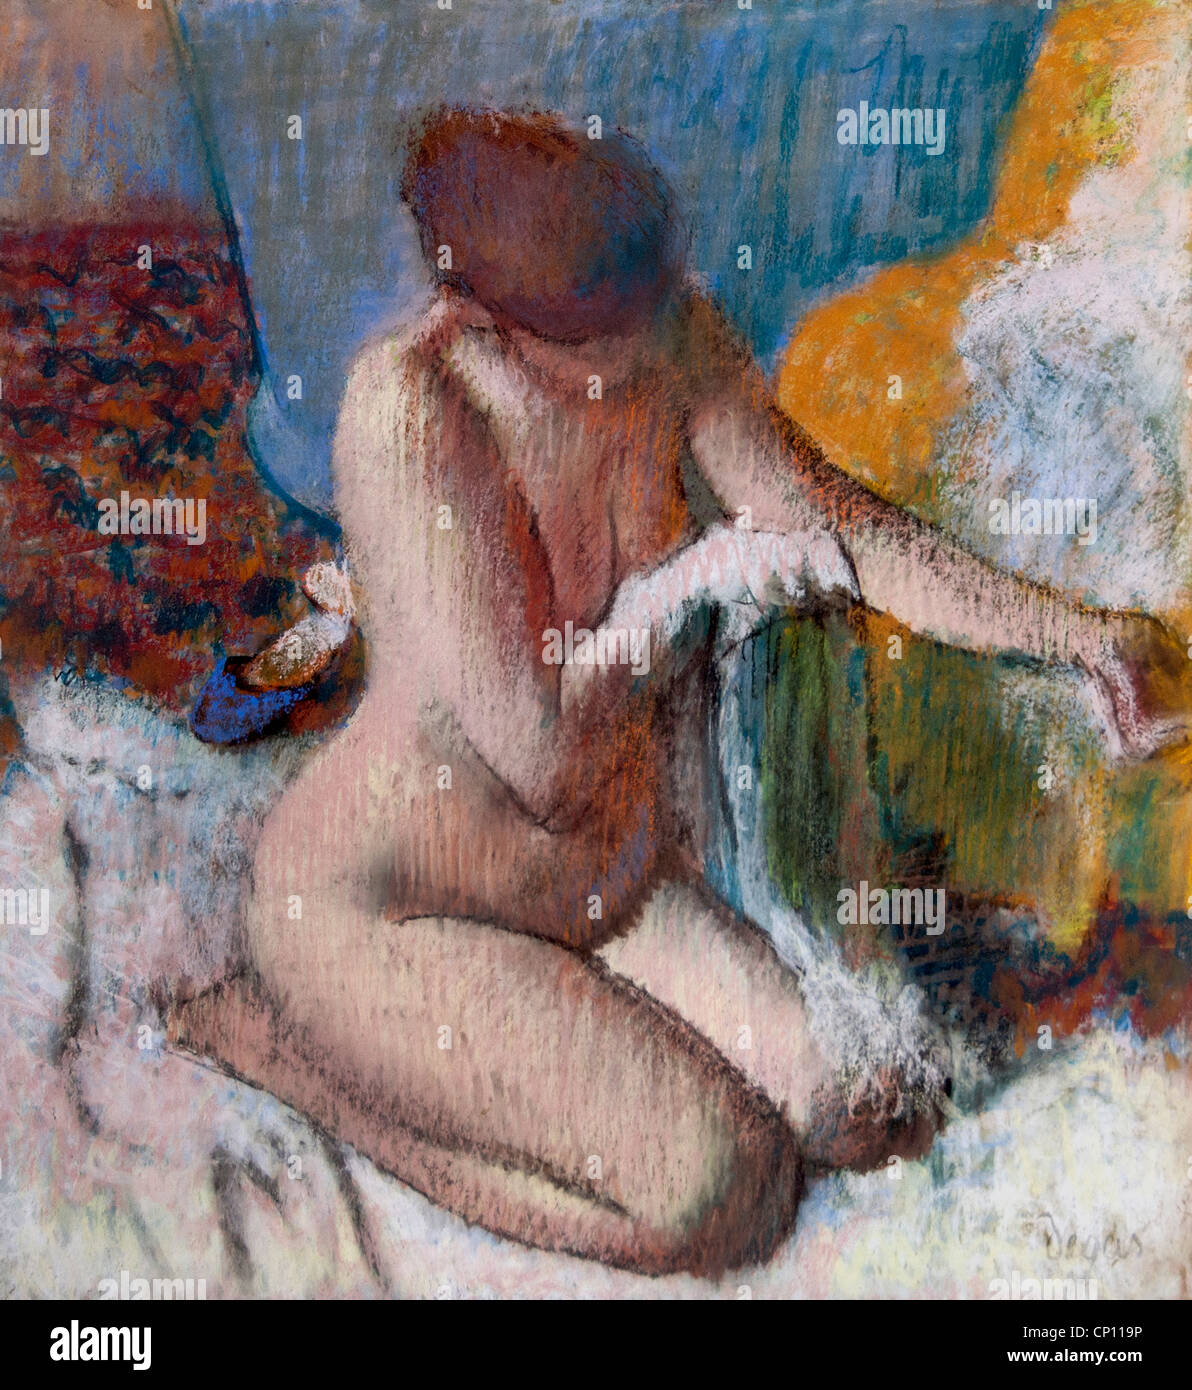 La Sortie du Bain - die Ausgabe des Bades von Edgar Degas 1834-1917 Frankreich Französisch Stockbild